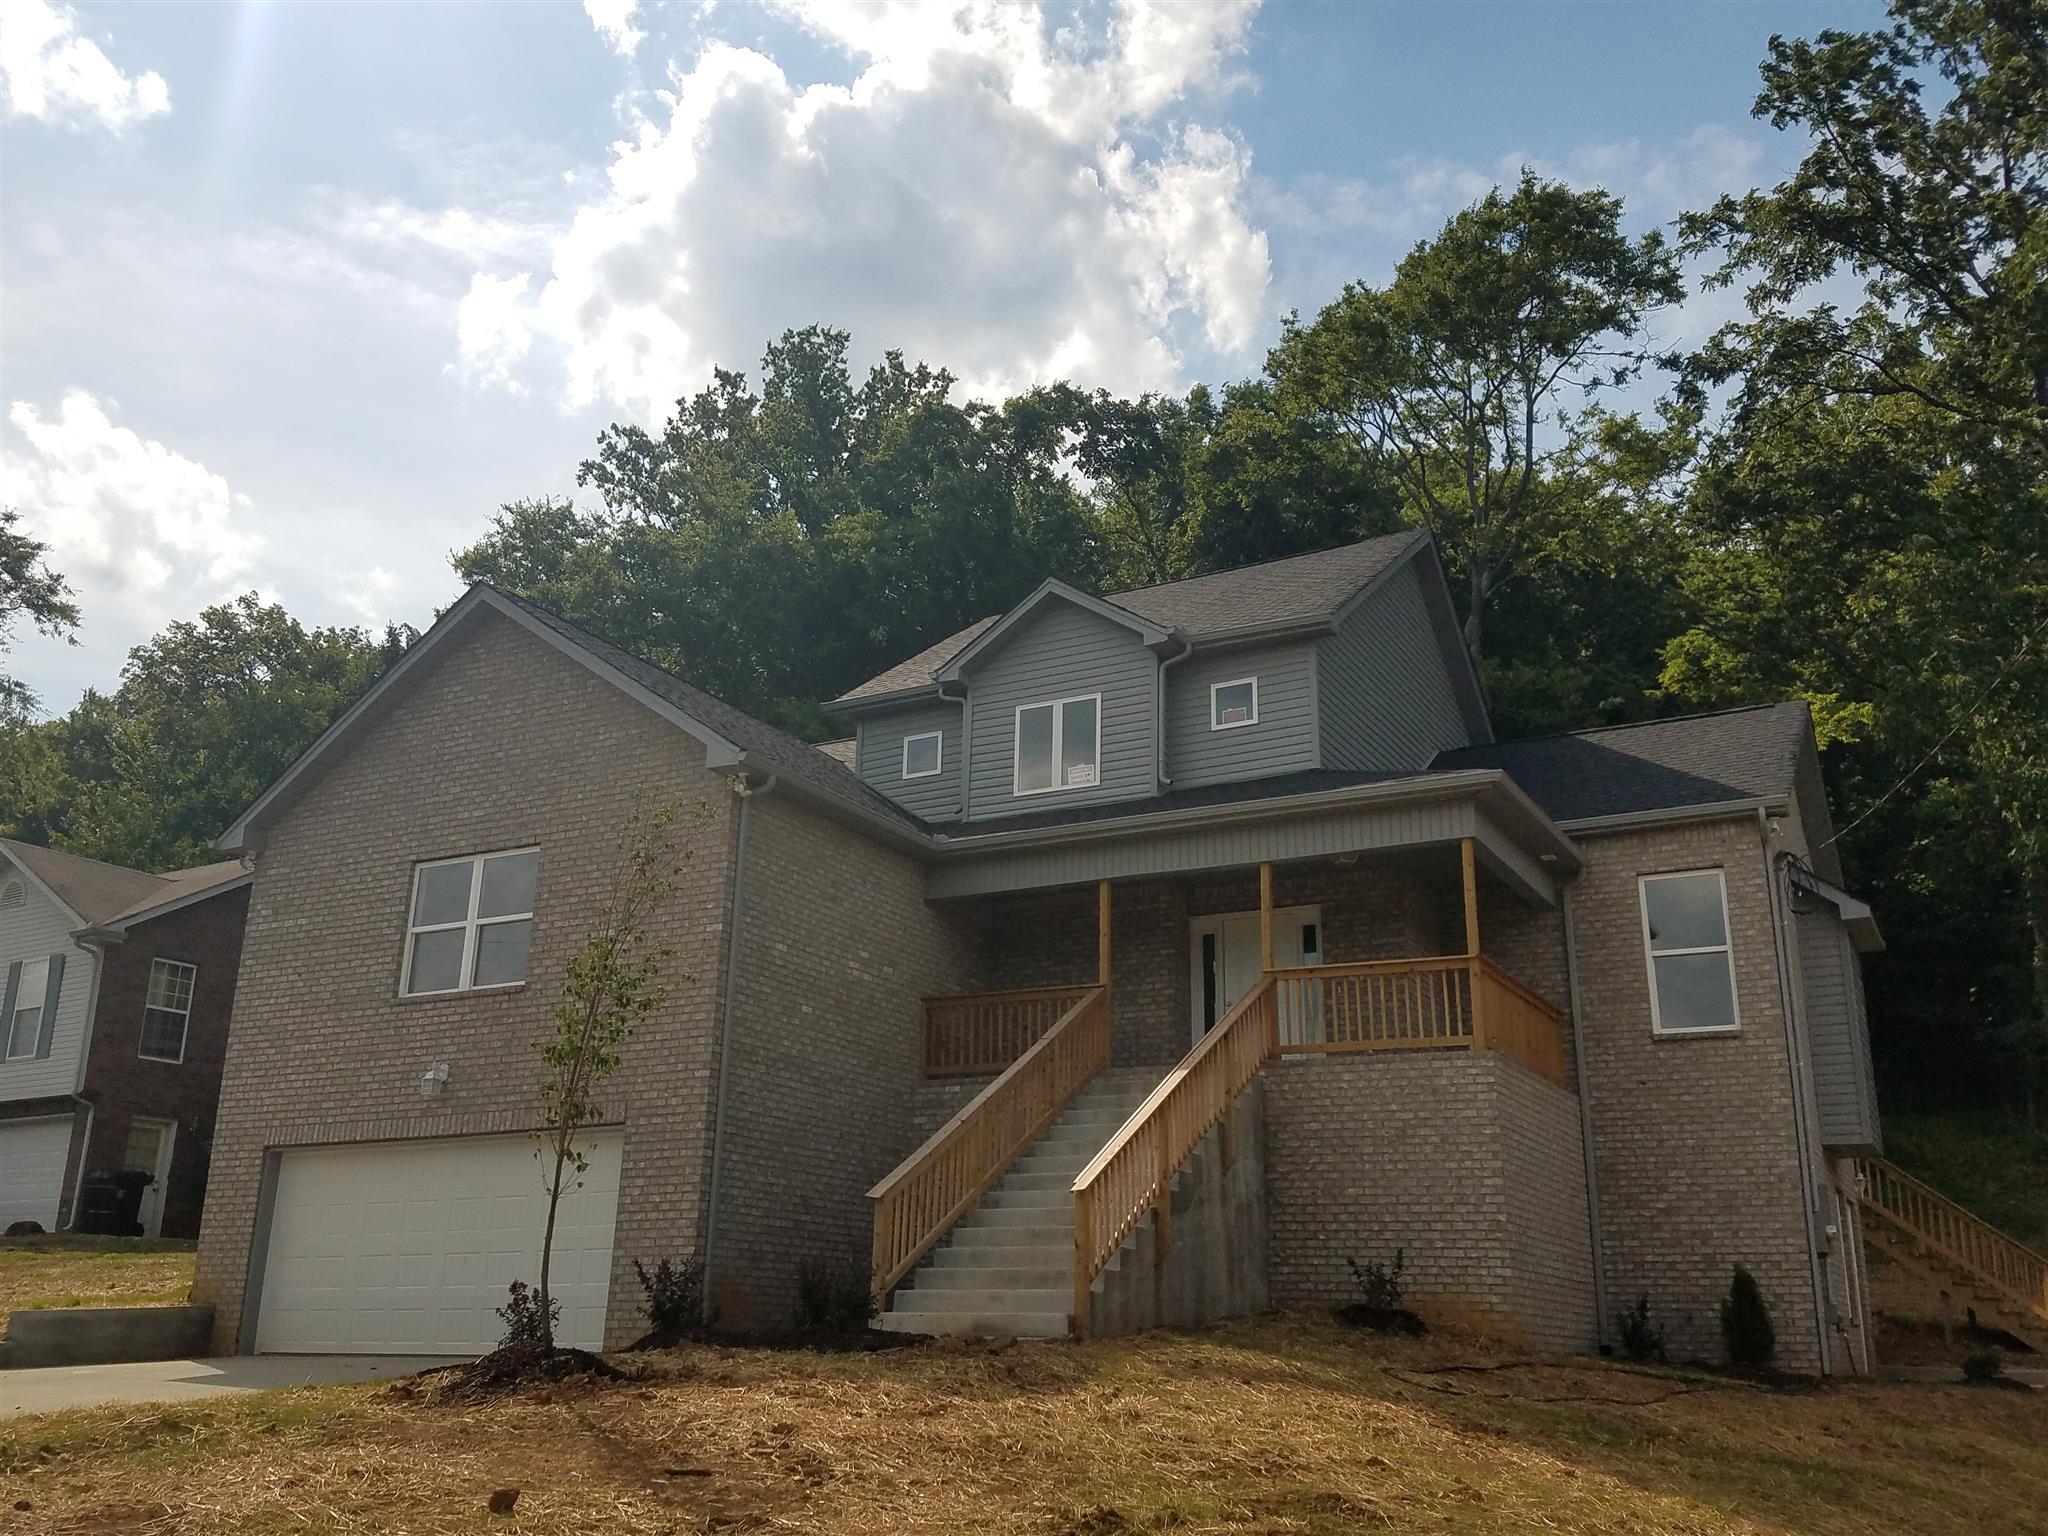 4620 Indian Summer Dr, Nashville, TN 37207 - Nashville, TN real estate listing